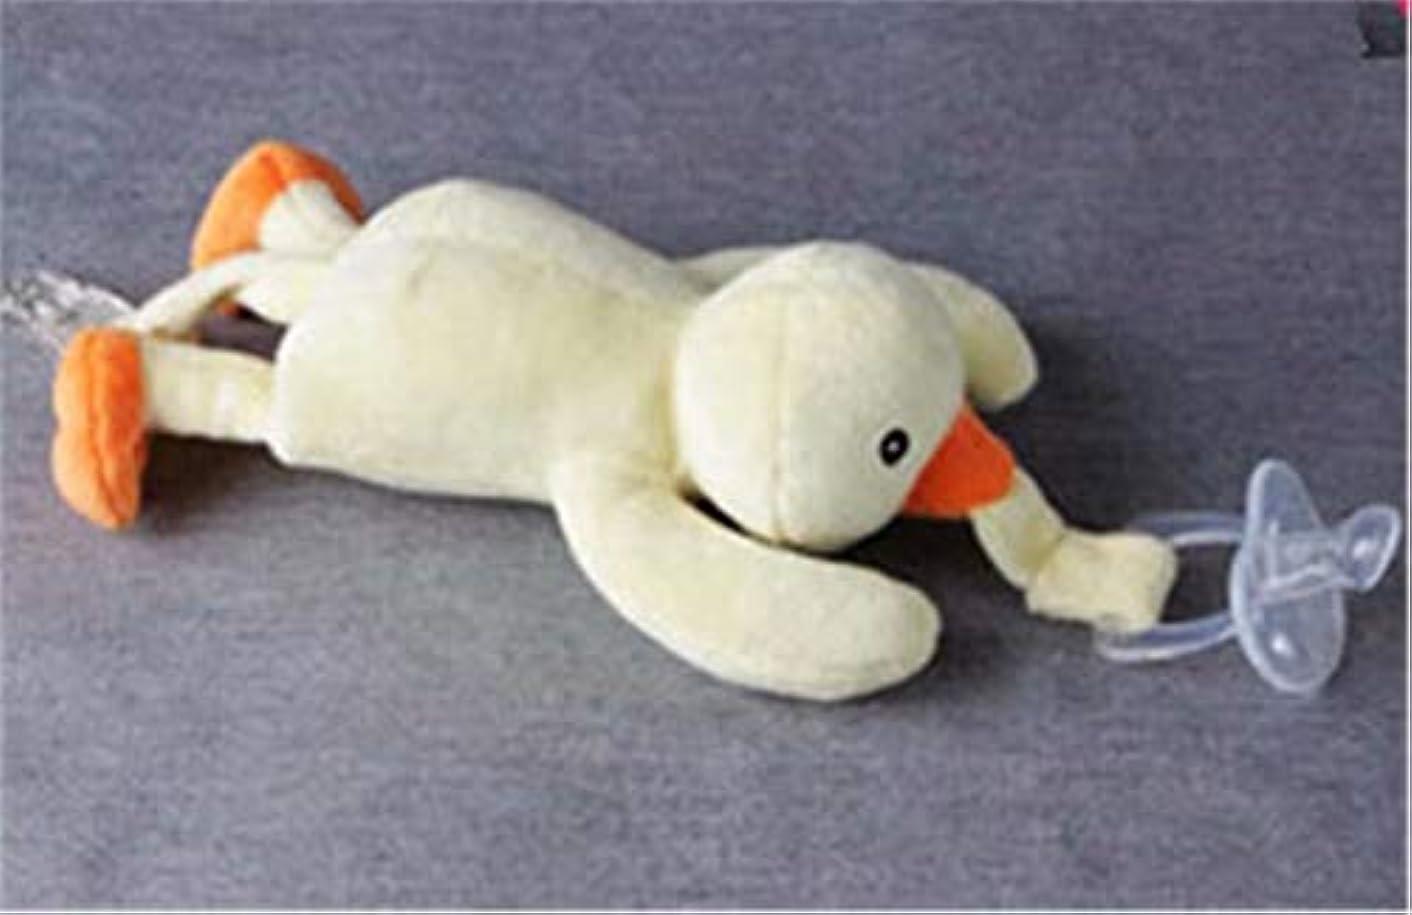 連想ドナウ川インフレーション七里の香 ベビー 動物のぬいぐるみ おしゃぶりホルダー 取り外し可能な おもちゃ (おしゃぶりは含まれません)